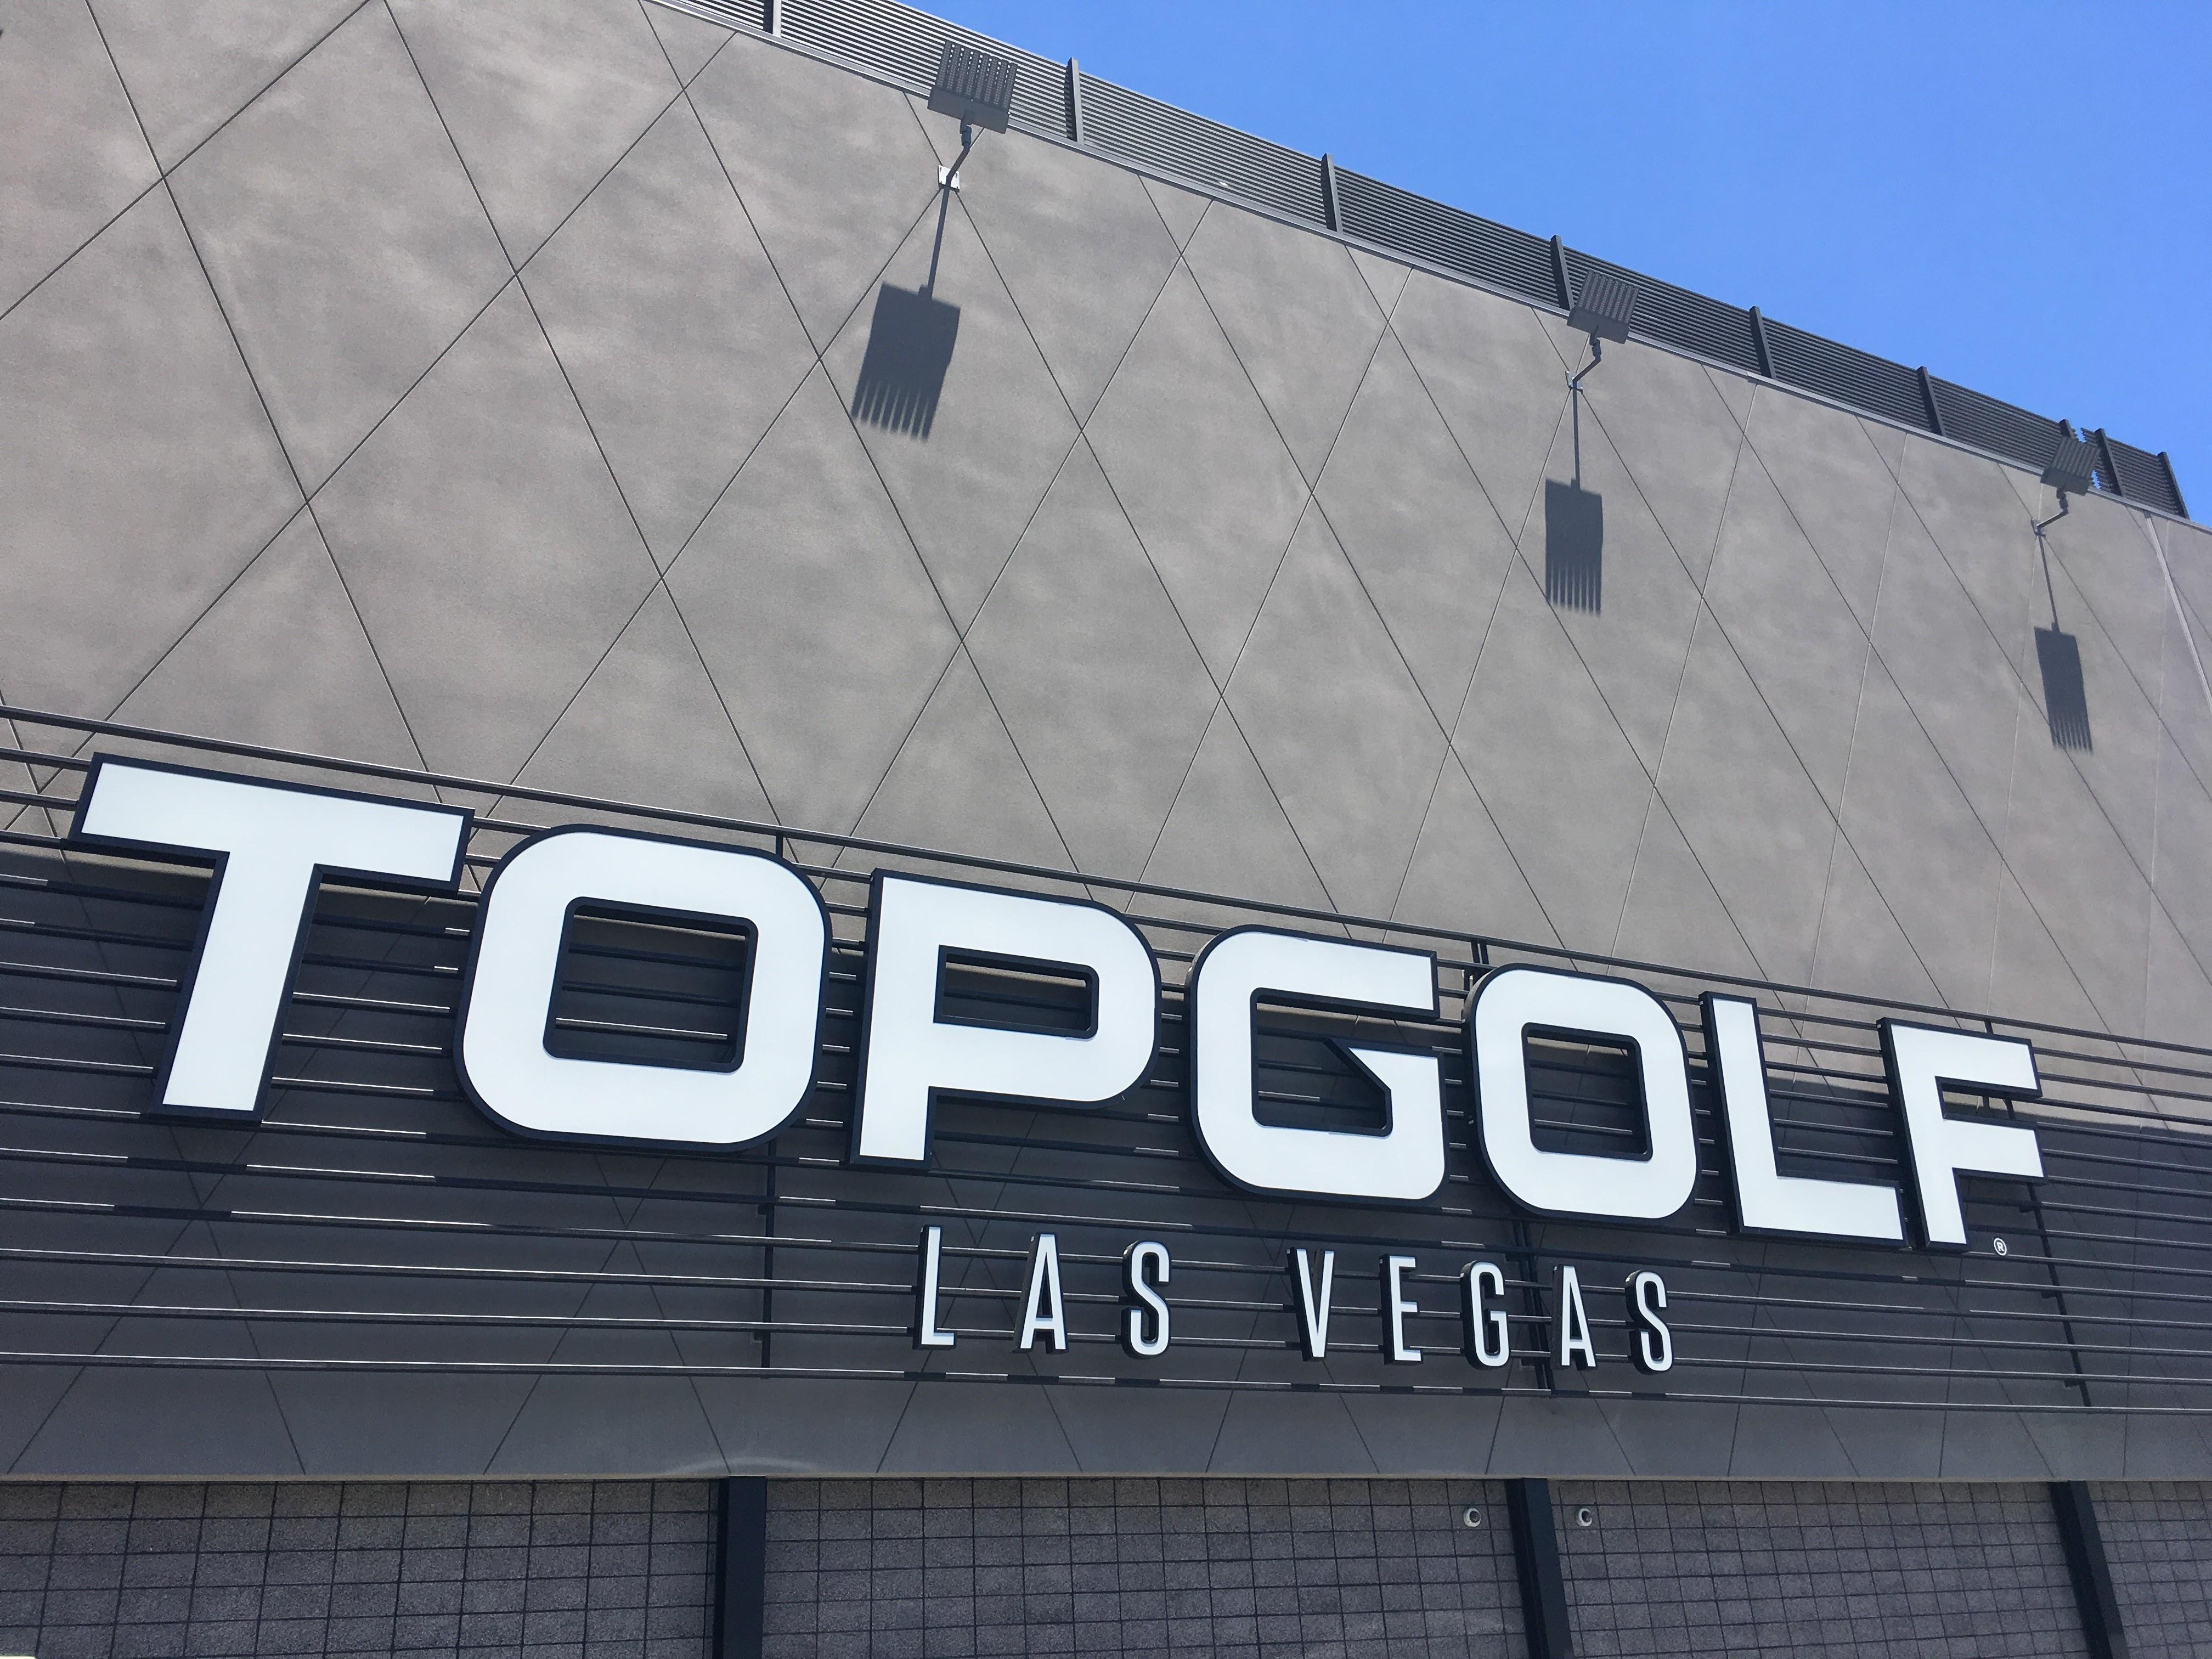 トップゴルフ(TOPGOLF) | ゴルフ練習場が根本から変わる!仲間や家族で楽しむレジャー施設は驚きだらけでした!